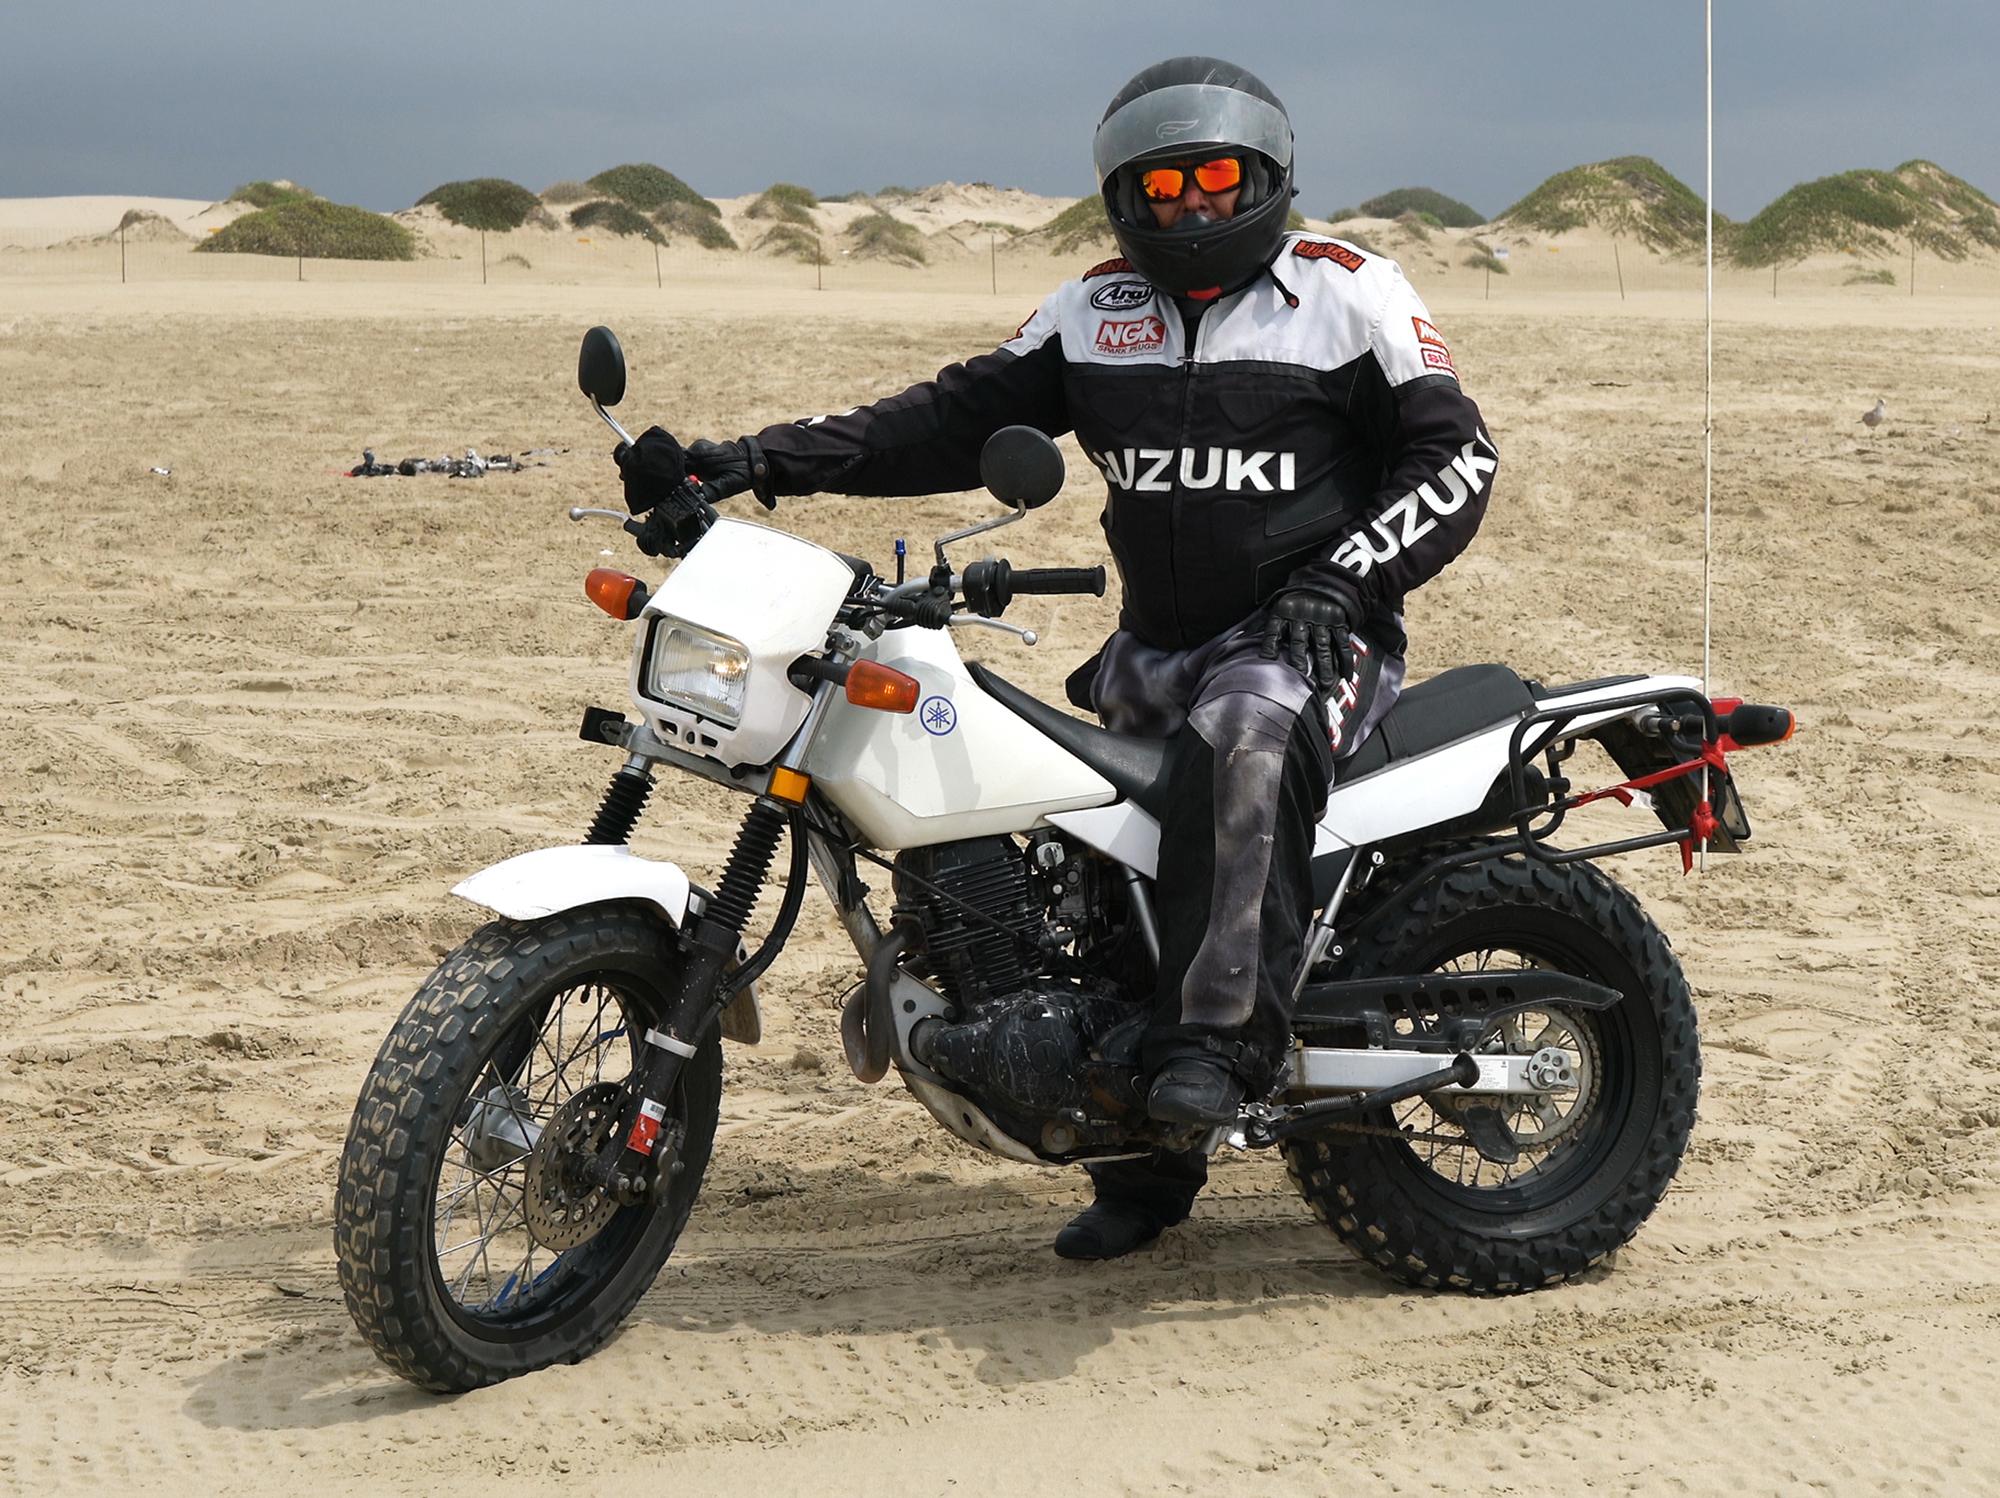 Yamaha Suzuki